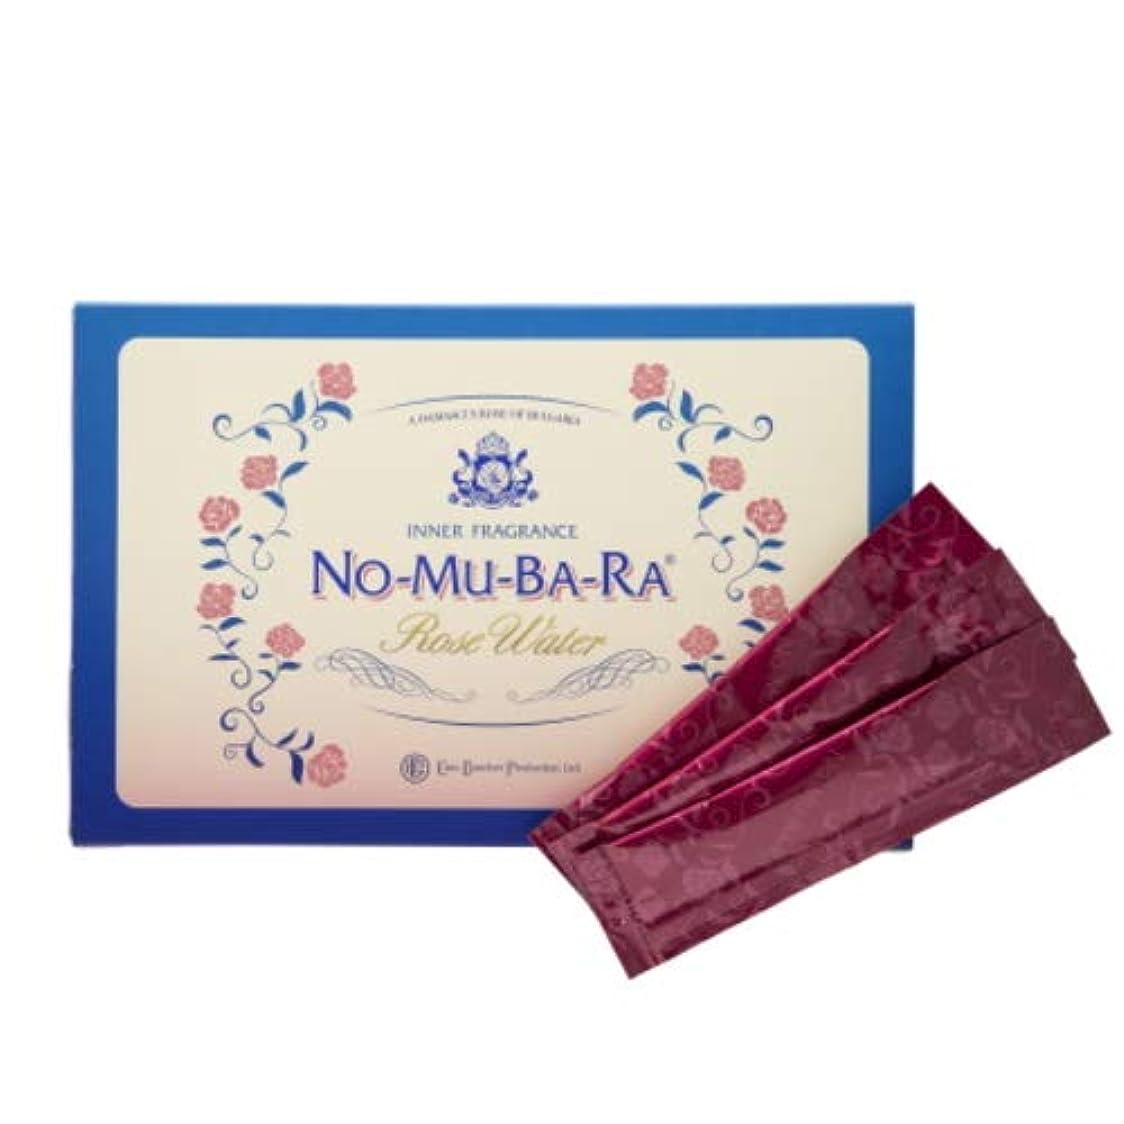 会計士たっぷり縁NO-MU-BA-RA NO-MU-BA-RA(ノムバラ)(35包入)【モンドセレクション受賞】